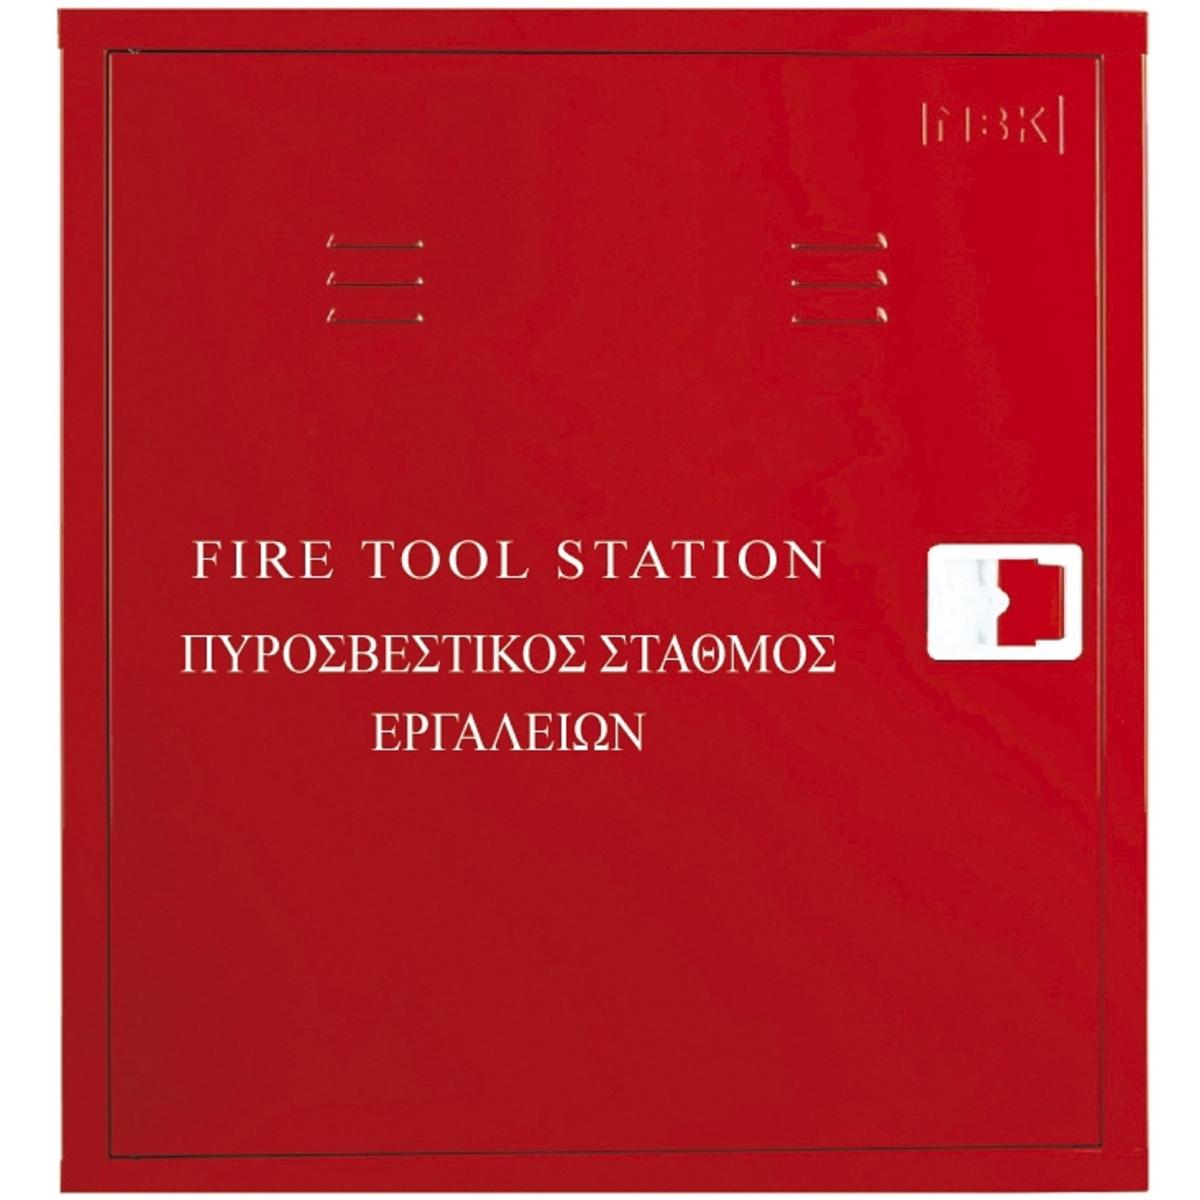 Πλήρης Πυροσβεστικός Σταθμός Εργαλείων ΦΕΚ 2434 Β' / 12.09.2014